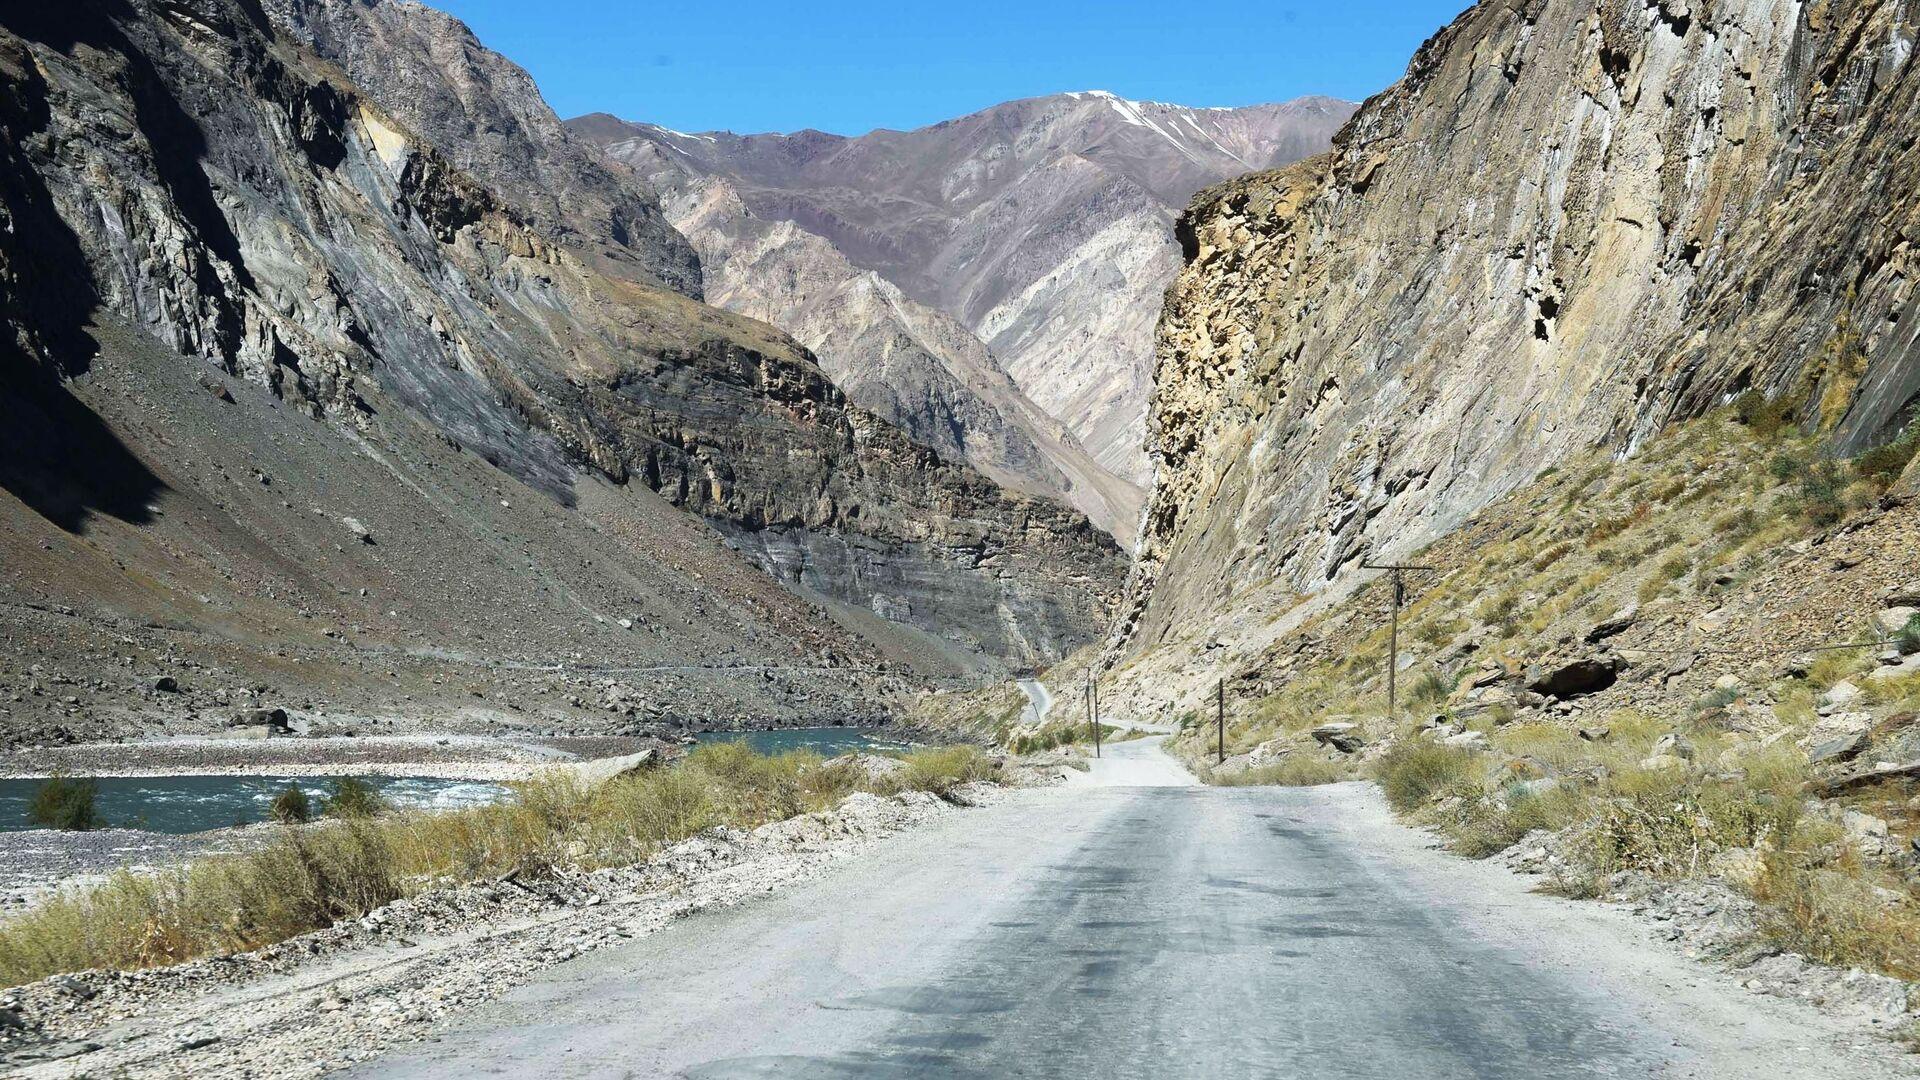 Дорога в Таджикистане вдоль реки, архивное фото - Sputnik Тоҷикистон, 1920, 27.09.2021